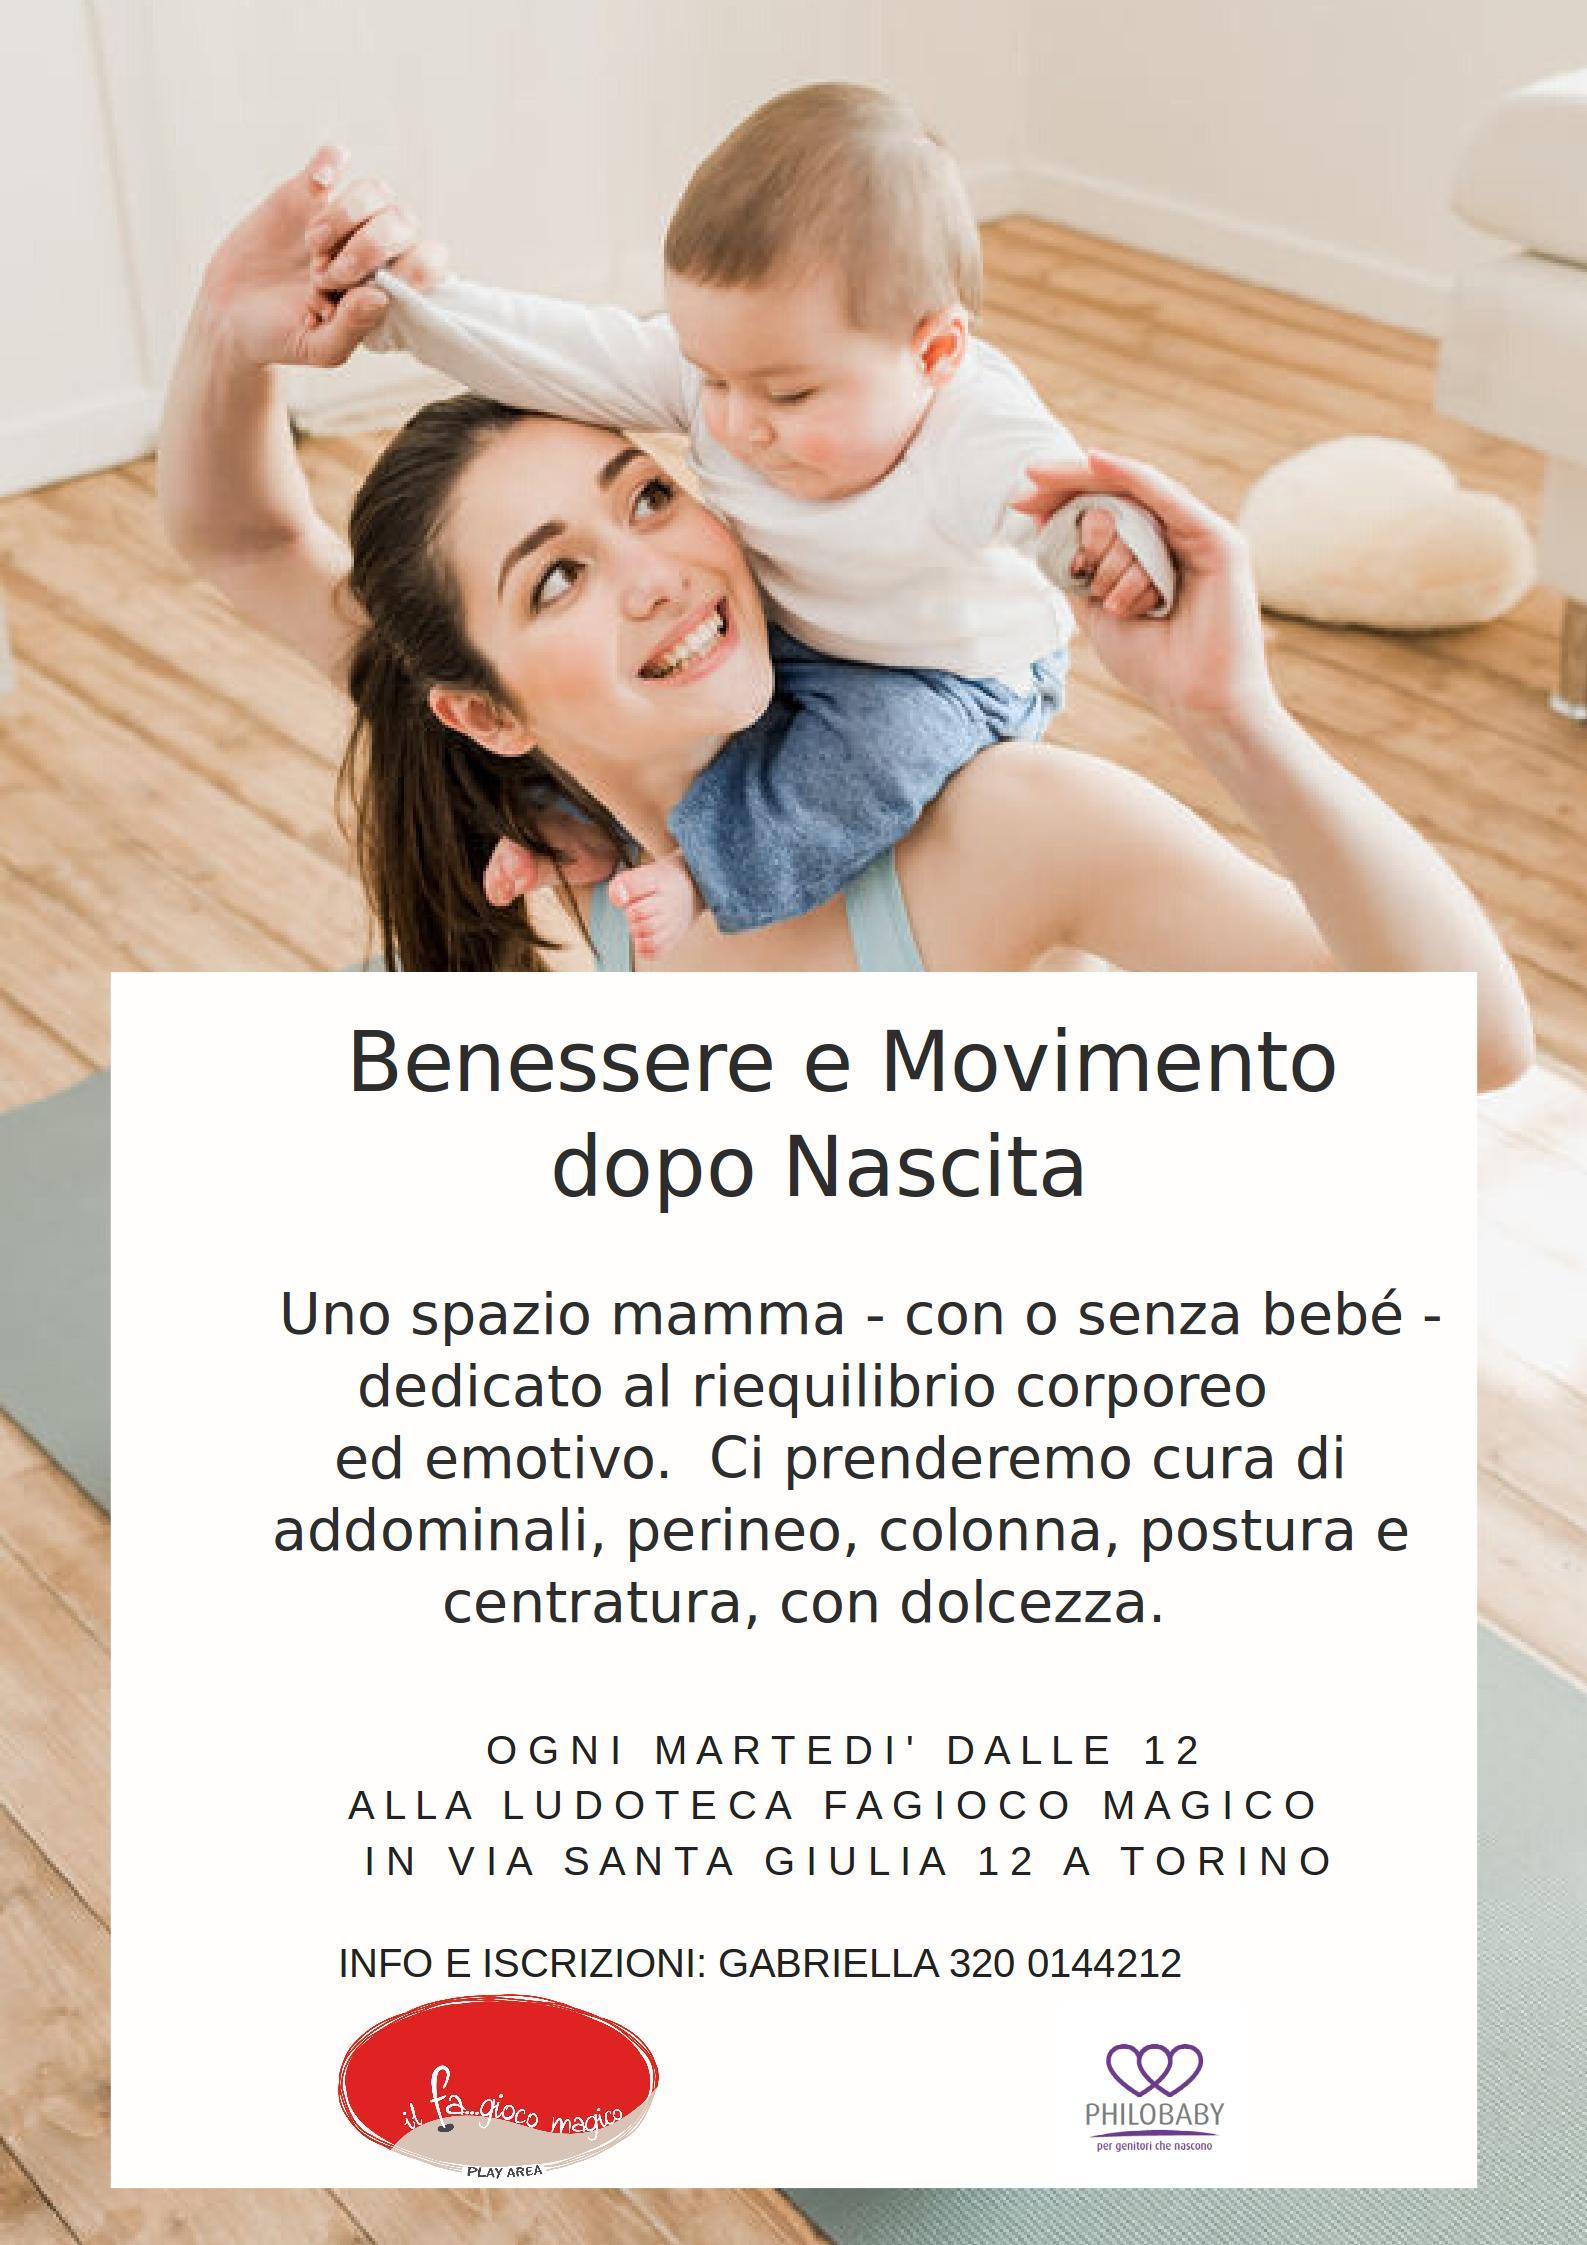 Movimento mamma-bebe-2.jpg